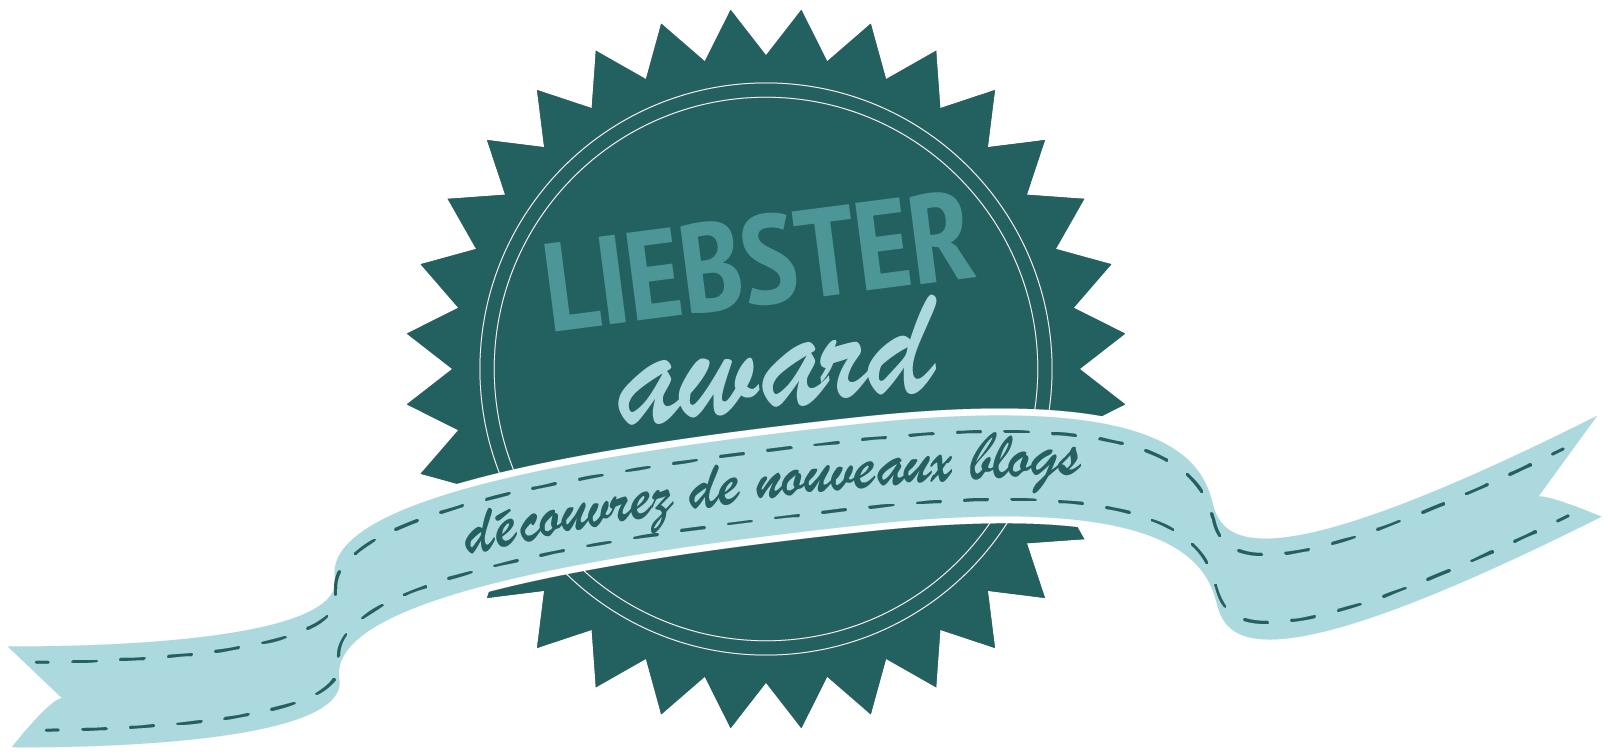 J'ai osé… me voir nommée aux Liebster Awards